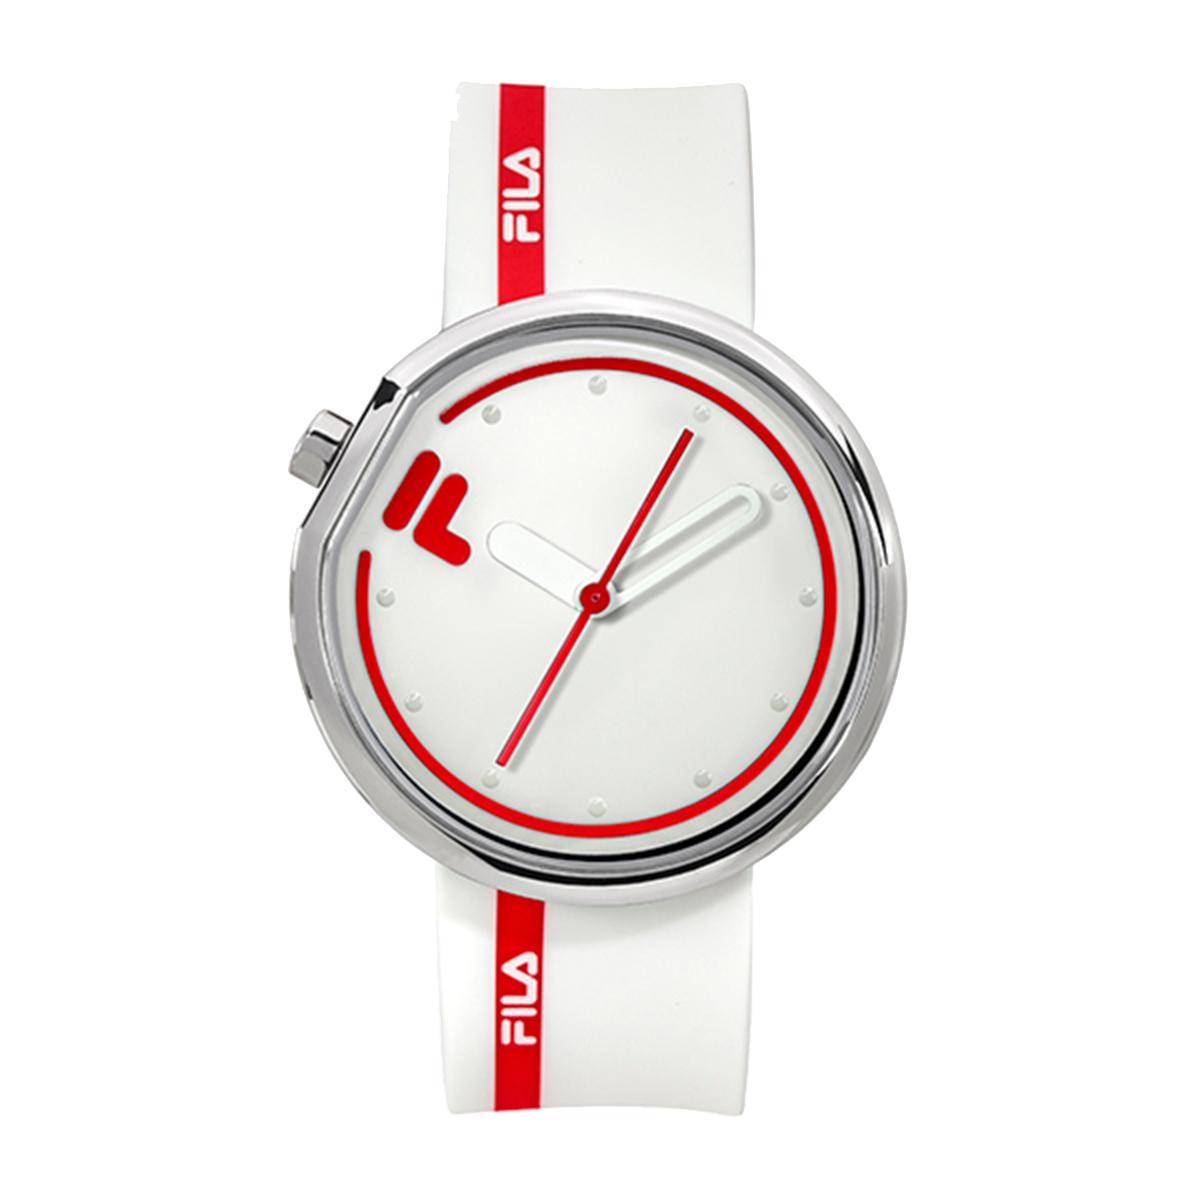 フィラ FILA FILASTYLE 38-161-105 ユニセックス 時計 腕時計 クオーツ